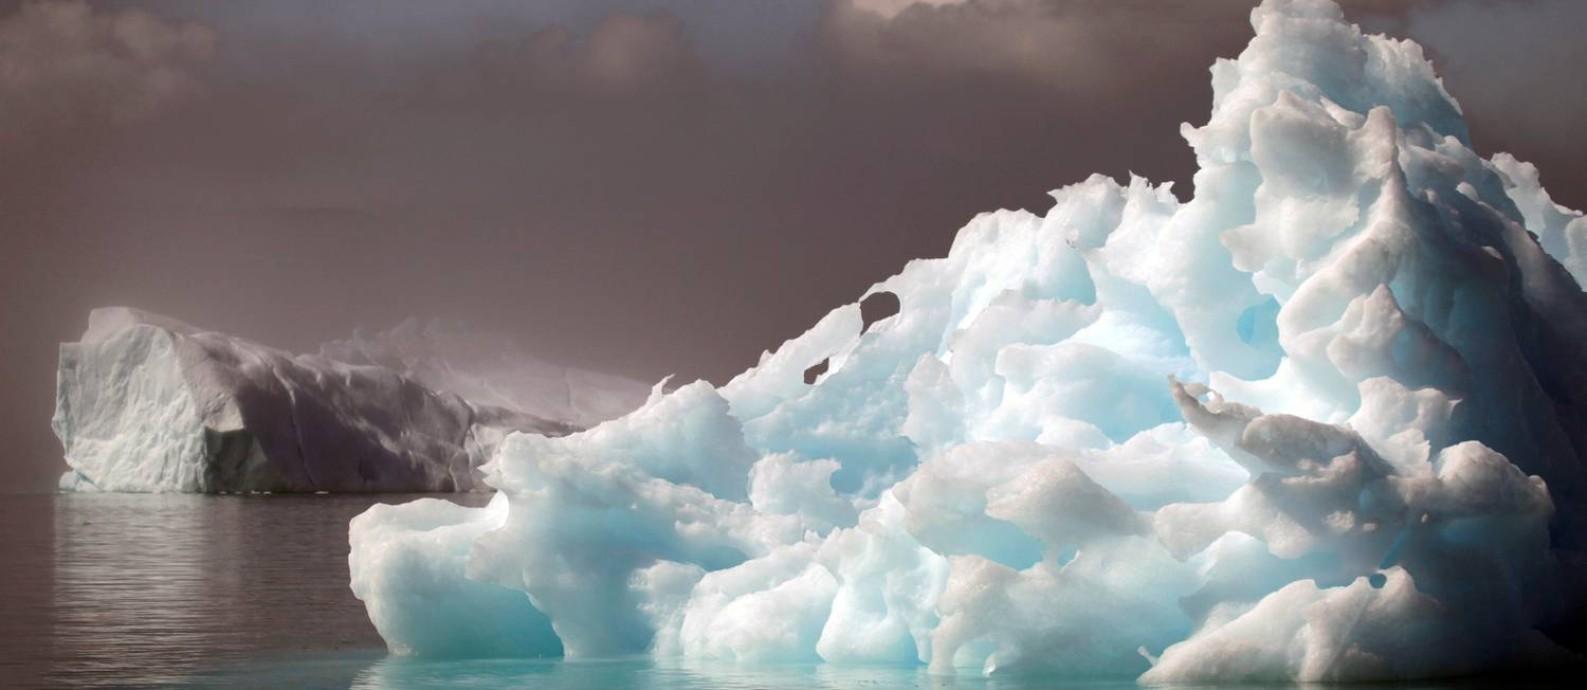 Icebergs flutuam próximo à cidade de Narsaq, no sul da Groenlândia Foto: Bob Strong/REUTERS/28-7-2009